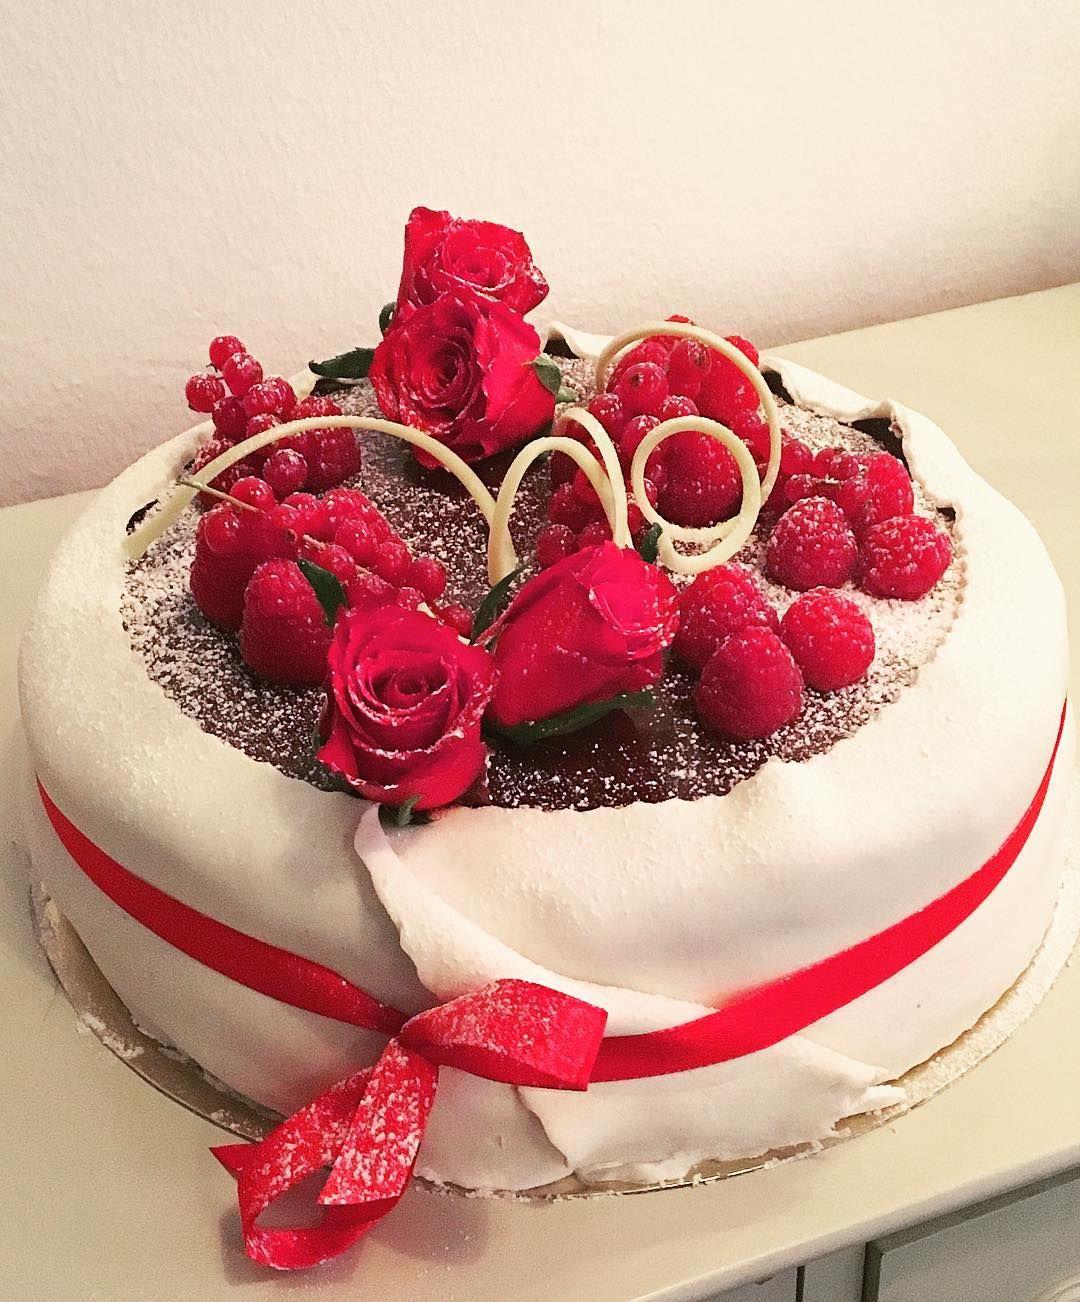 Avslutar denna dag med en Luciahallon choklad och passion#sockermajas #bakery #torslanda #cake #lucia